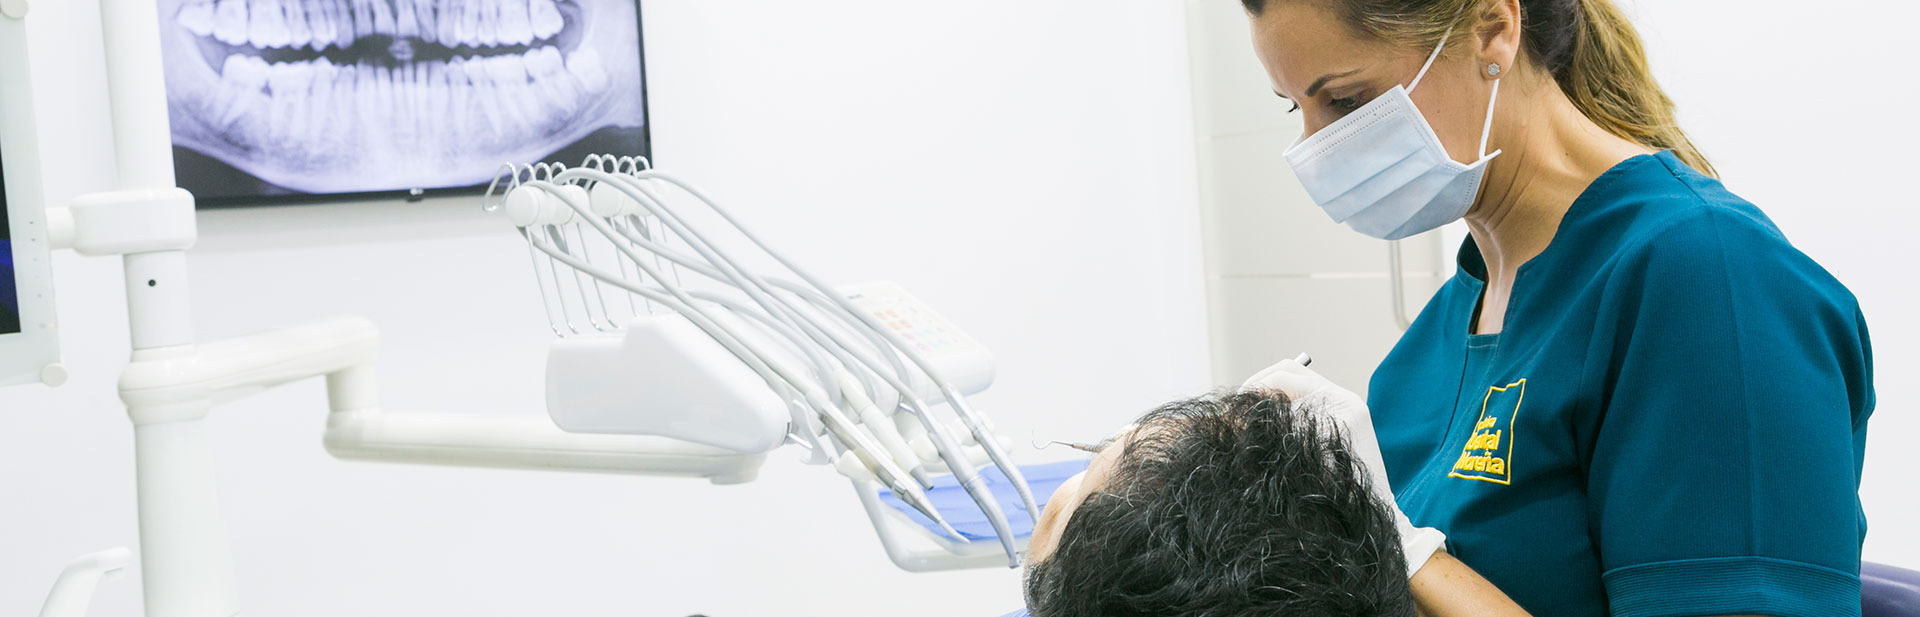 Odontología conservadora - Clínica Dental Noreña